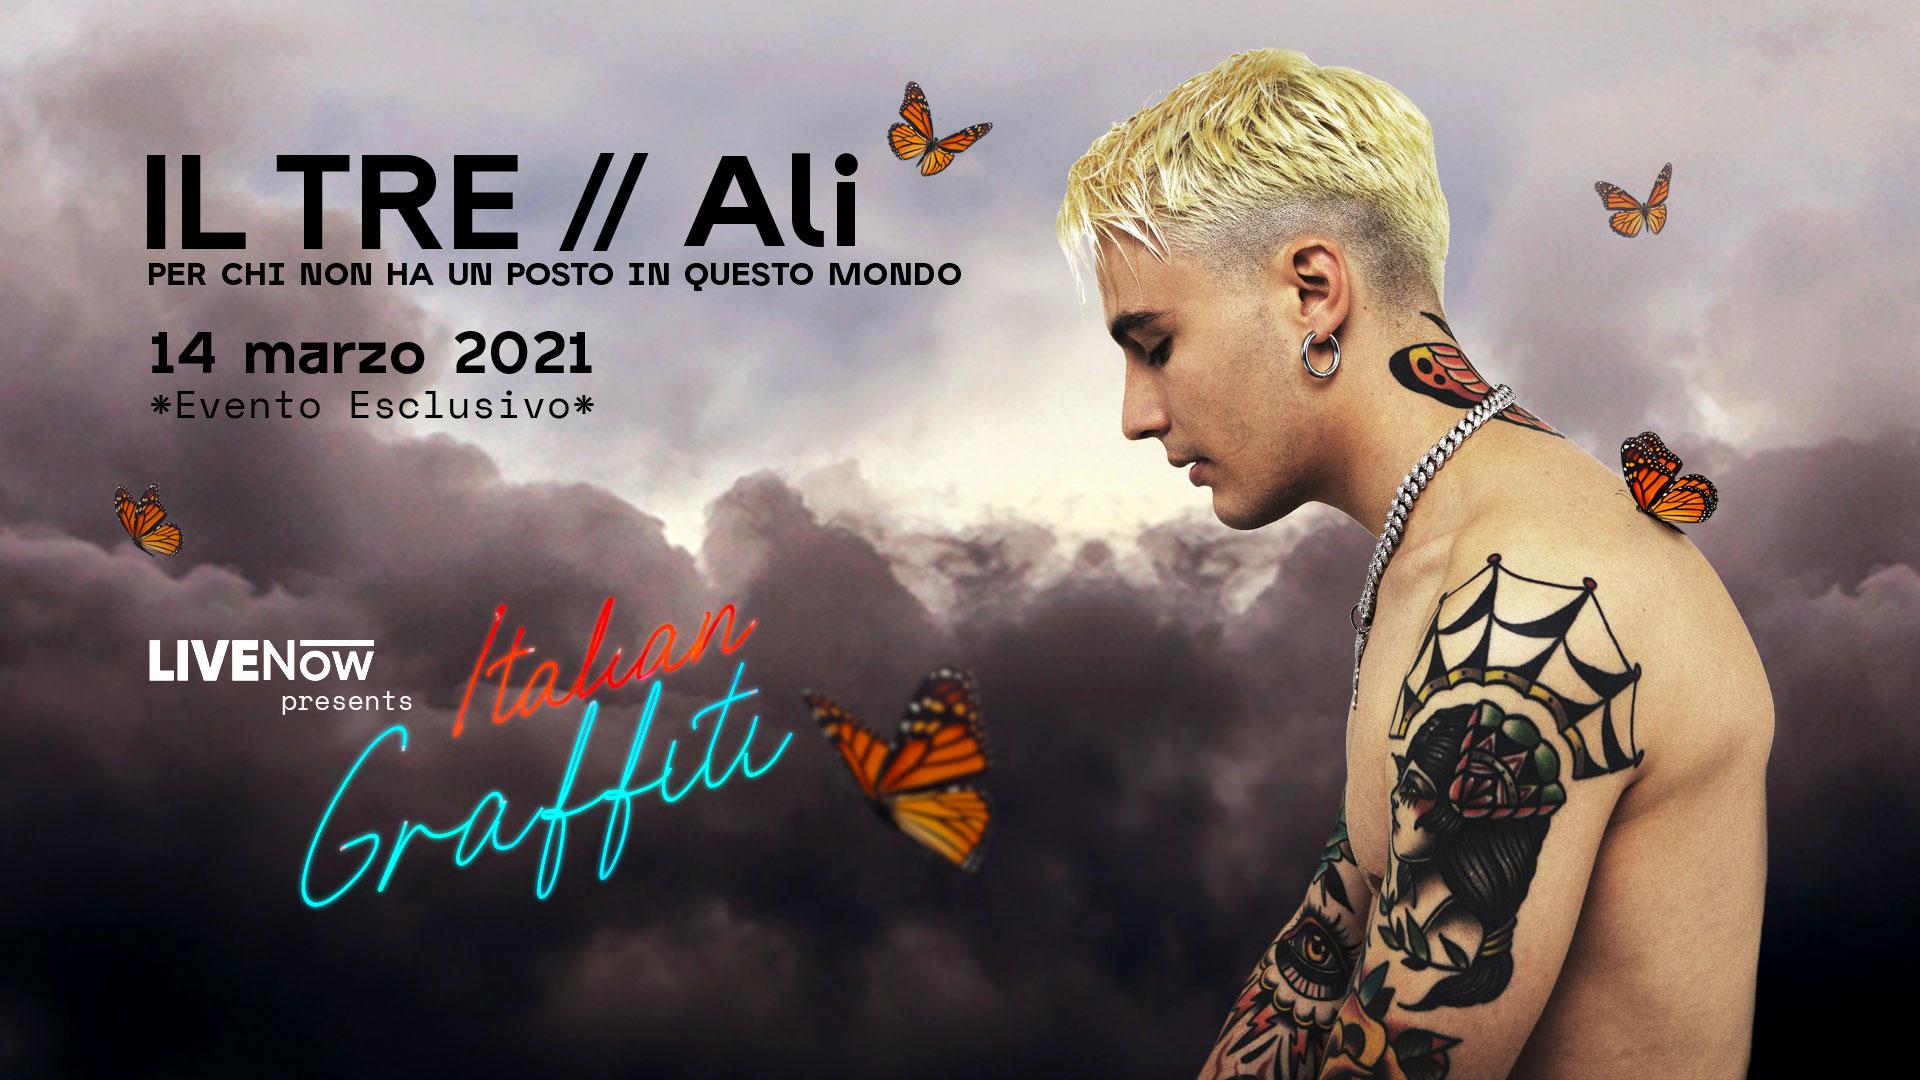 """LIVENow presenta """"ITALIAN GRAFFITI"""". Domenica 14 marzo, alle ore 21.00 IL TRE si esibirà dal vivo sul palco virtuale del programma!"""